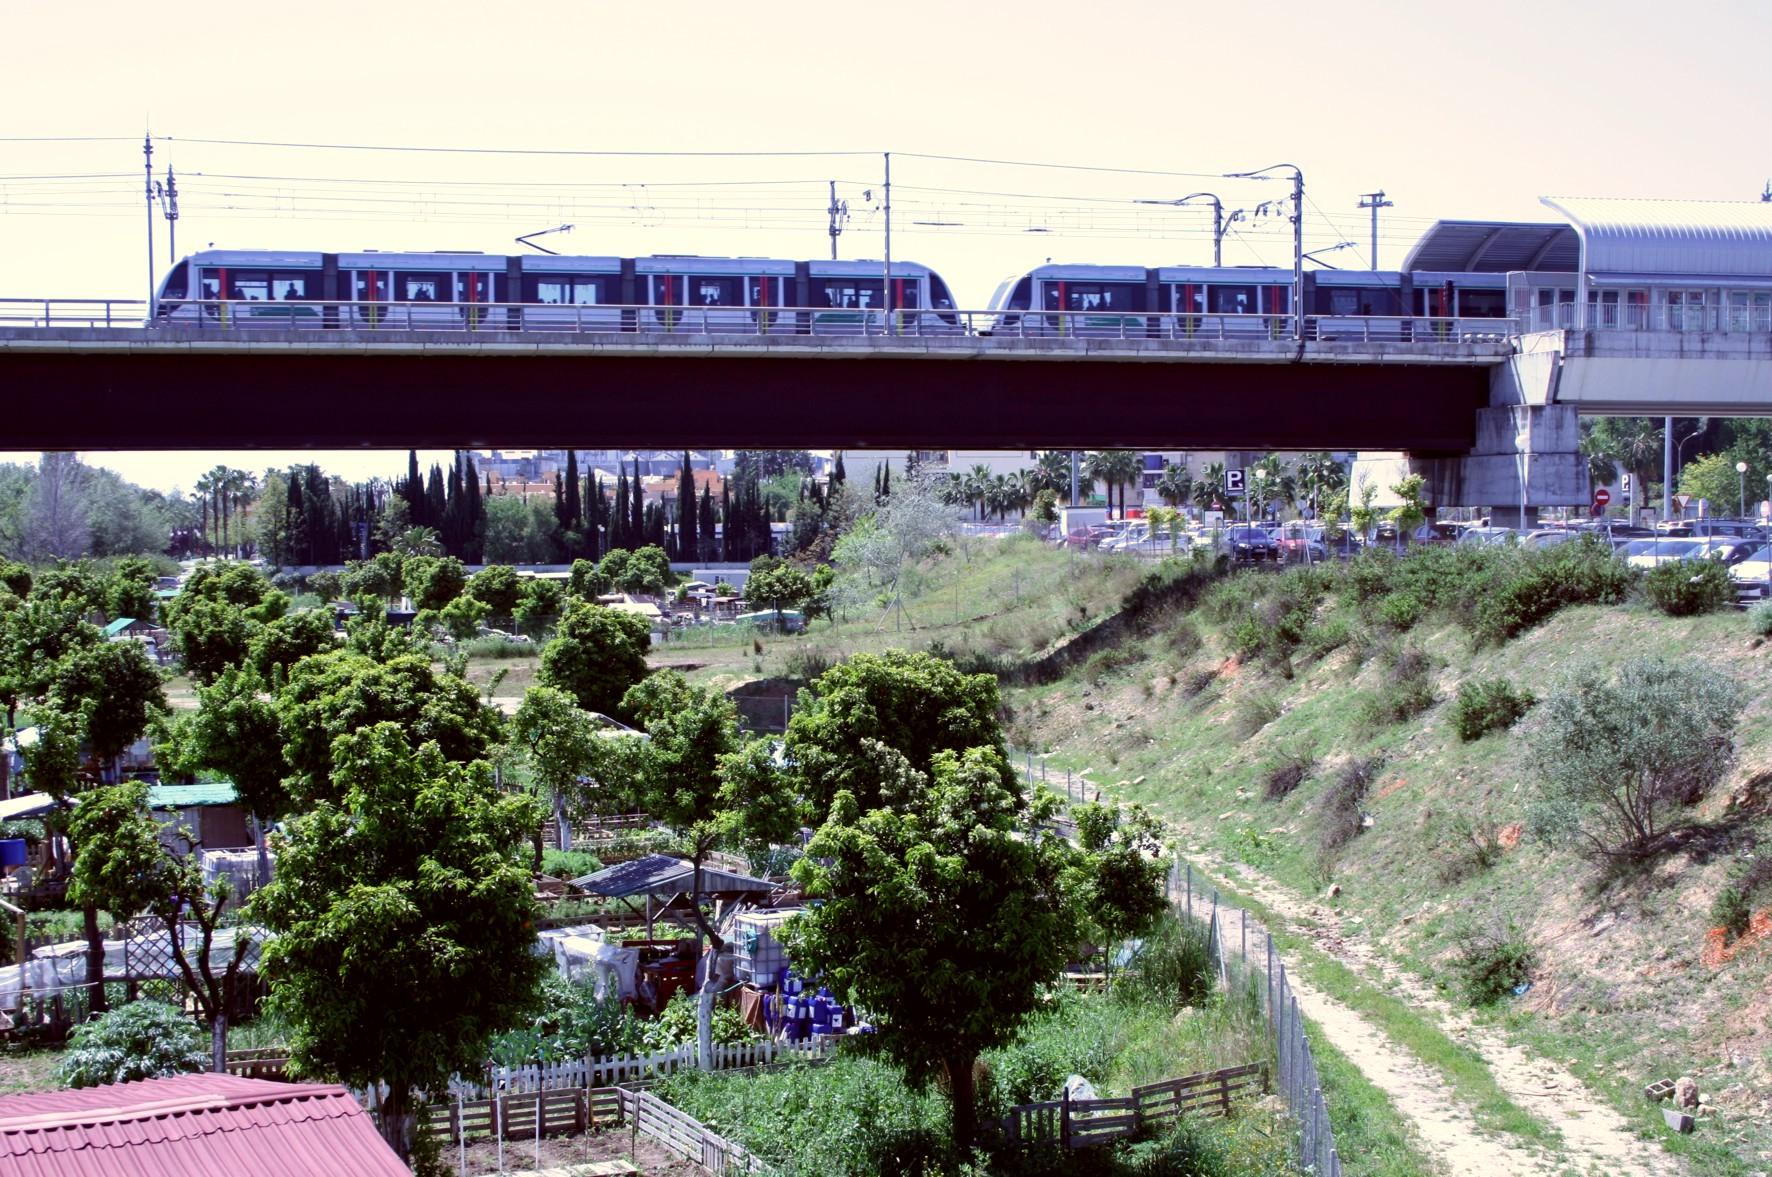 Metro de Sevilla alcanza en Feria los 942.503 viajeros, récord de demanda en esa semana desde su inauguración en 2009